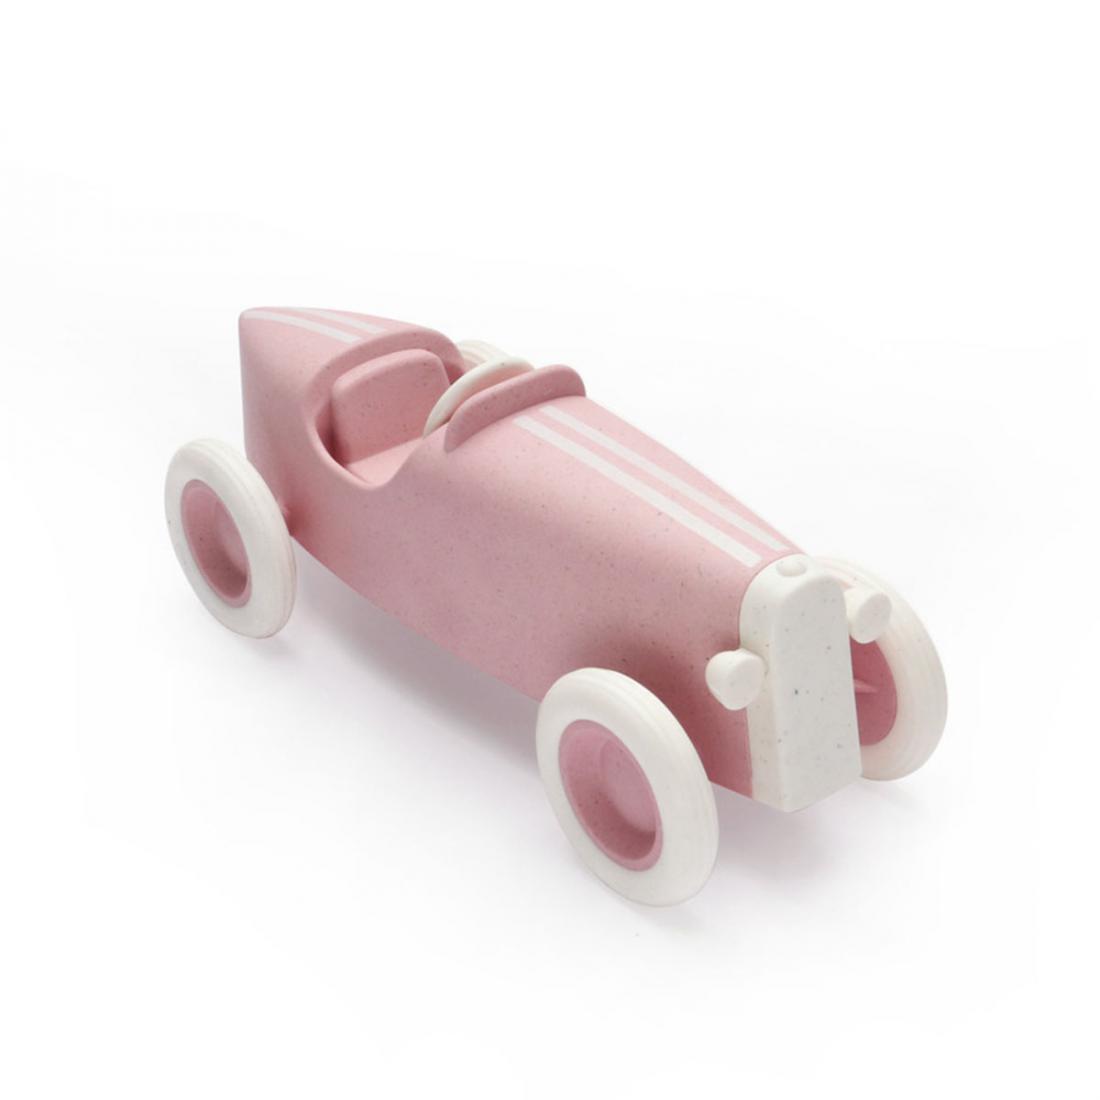 Retro navdihnjena igrača Grand Prix Racing Car, oblikovanje Wilsonic Design. Foto: arhiv CzK